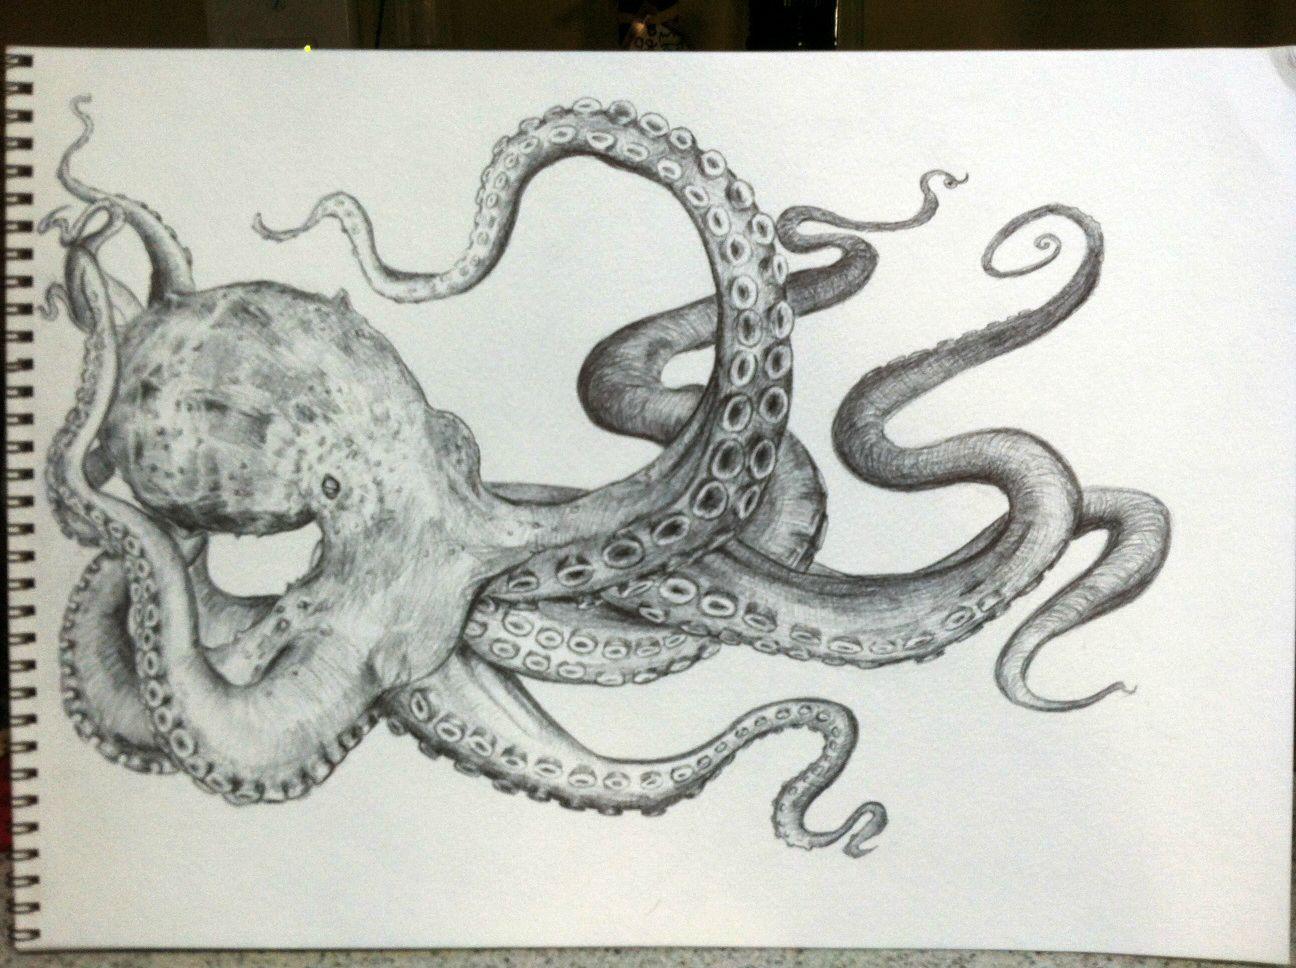 Merveilleux Octopus Drawing